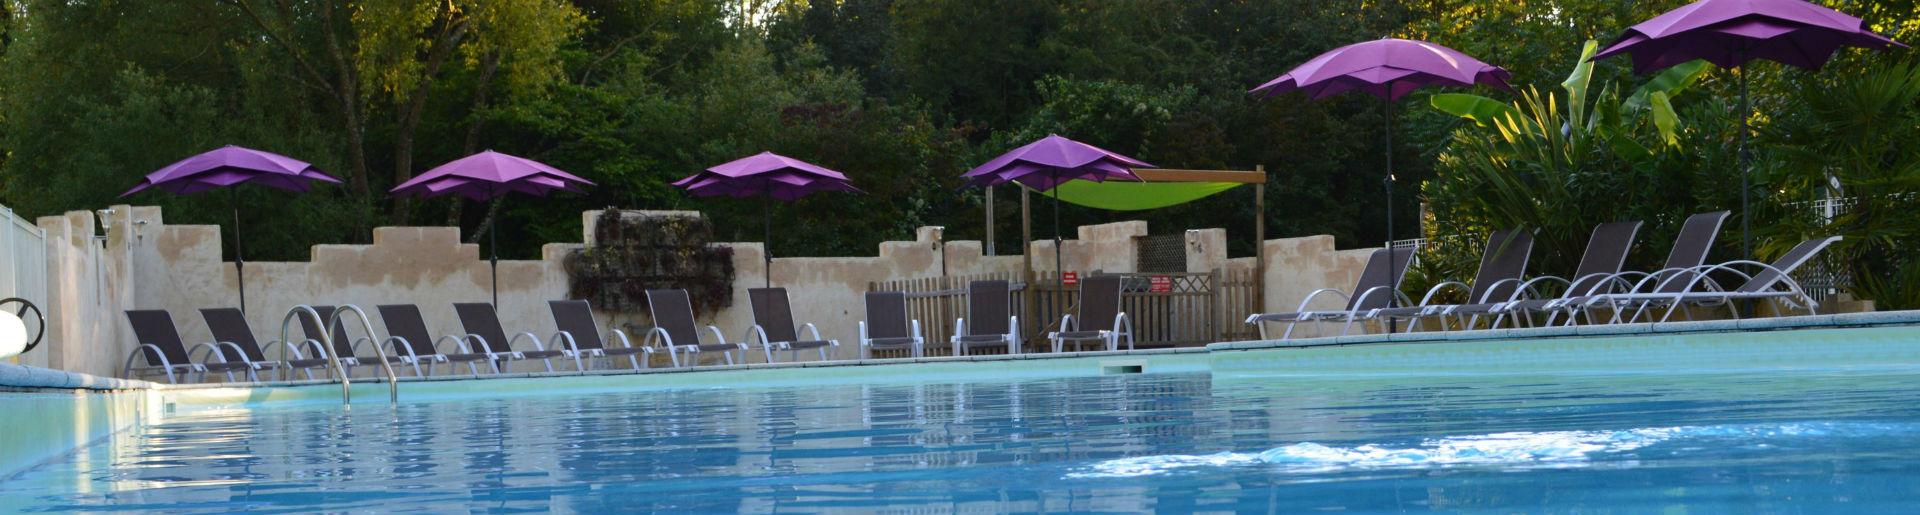 Camping avec piscine pr s de bordeaux saint emilion for Camping vieux boucau avec piscine